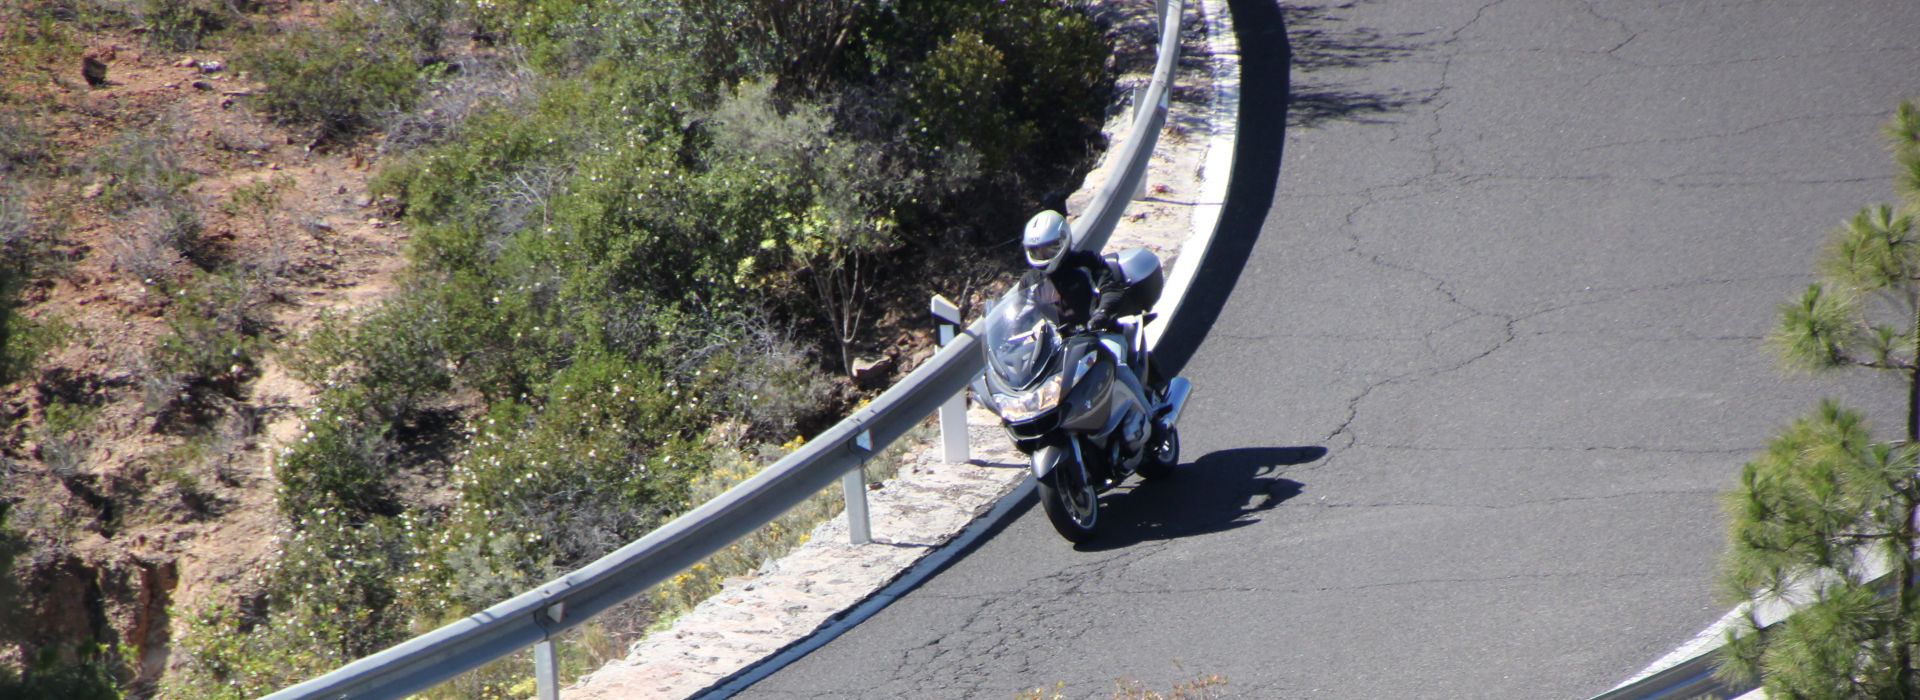 Motorrijbewijspoint Son spoed motorrijbewijs